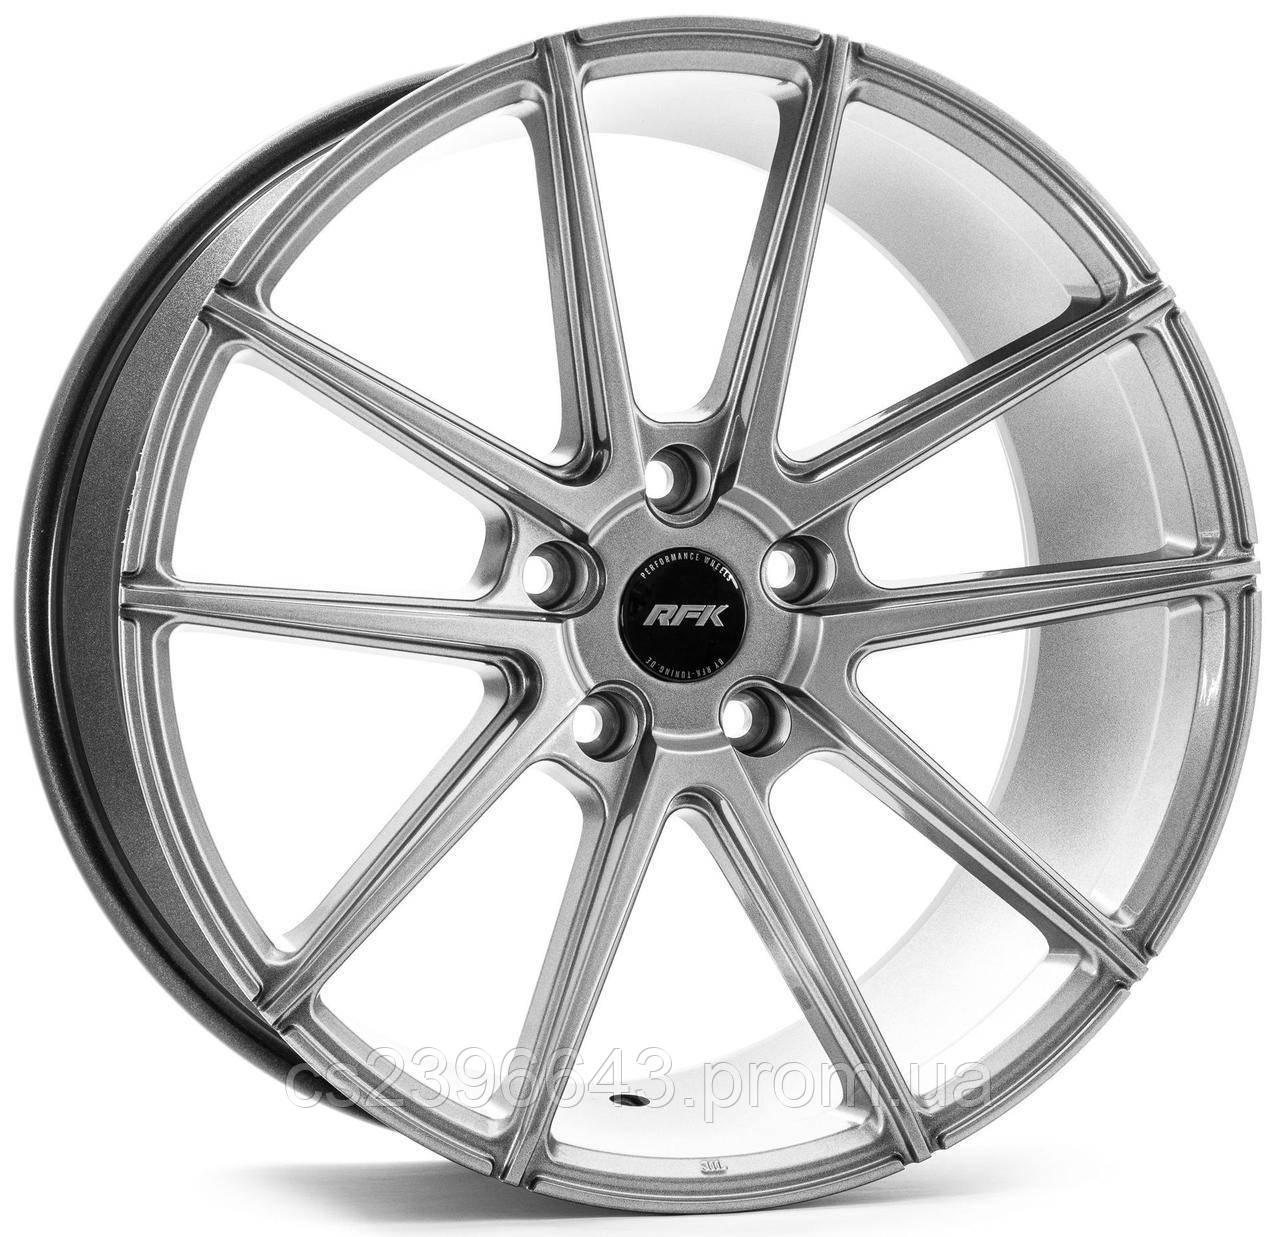 Колесный диск RFK Wheels GLS302 19x9,5 ET18